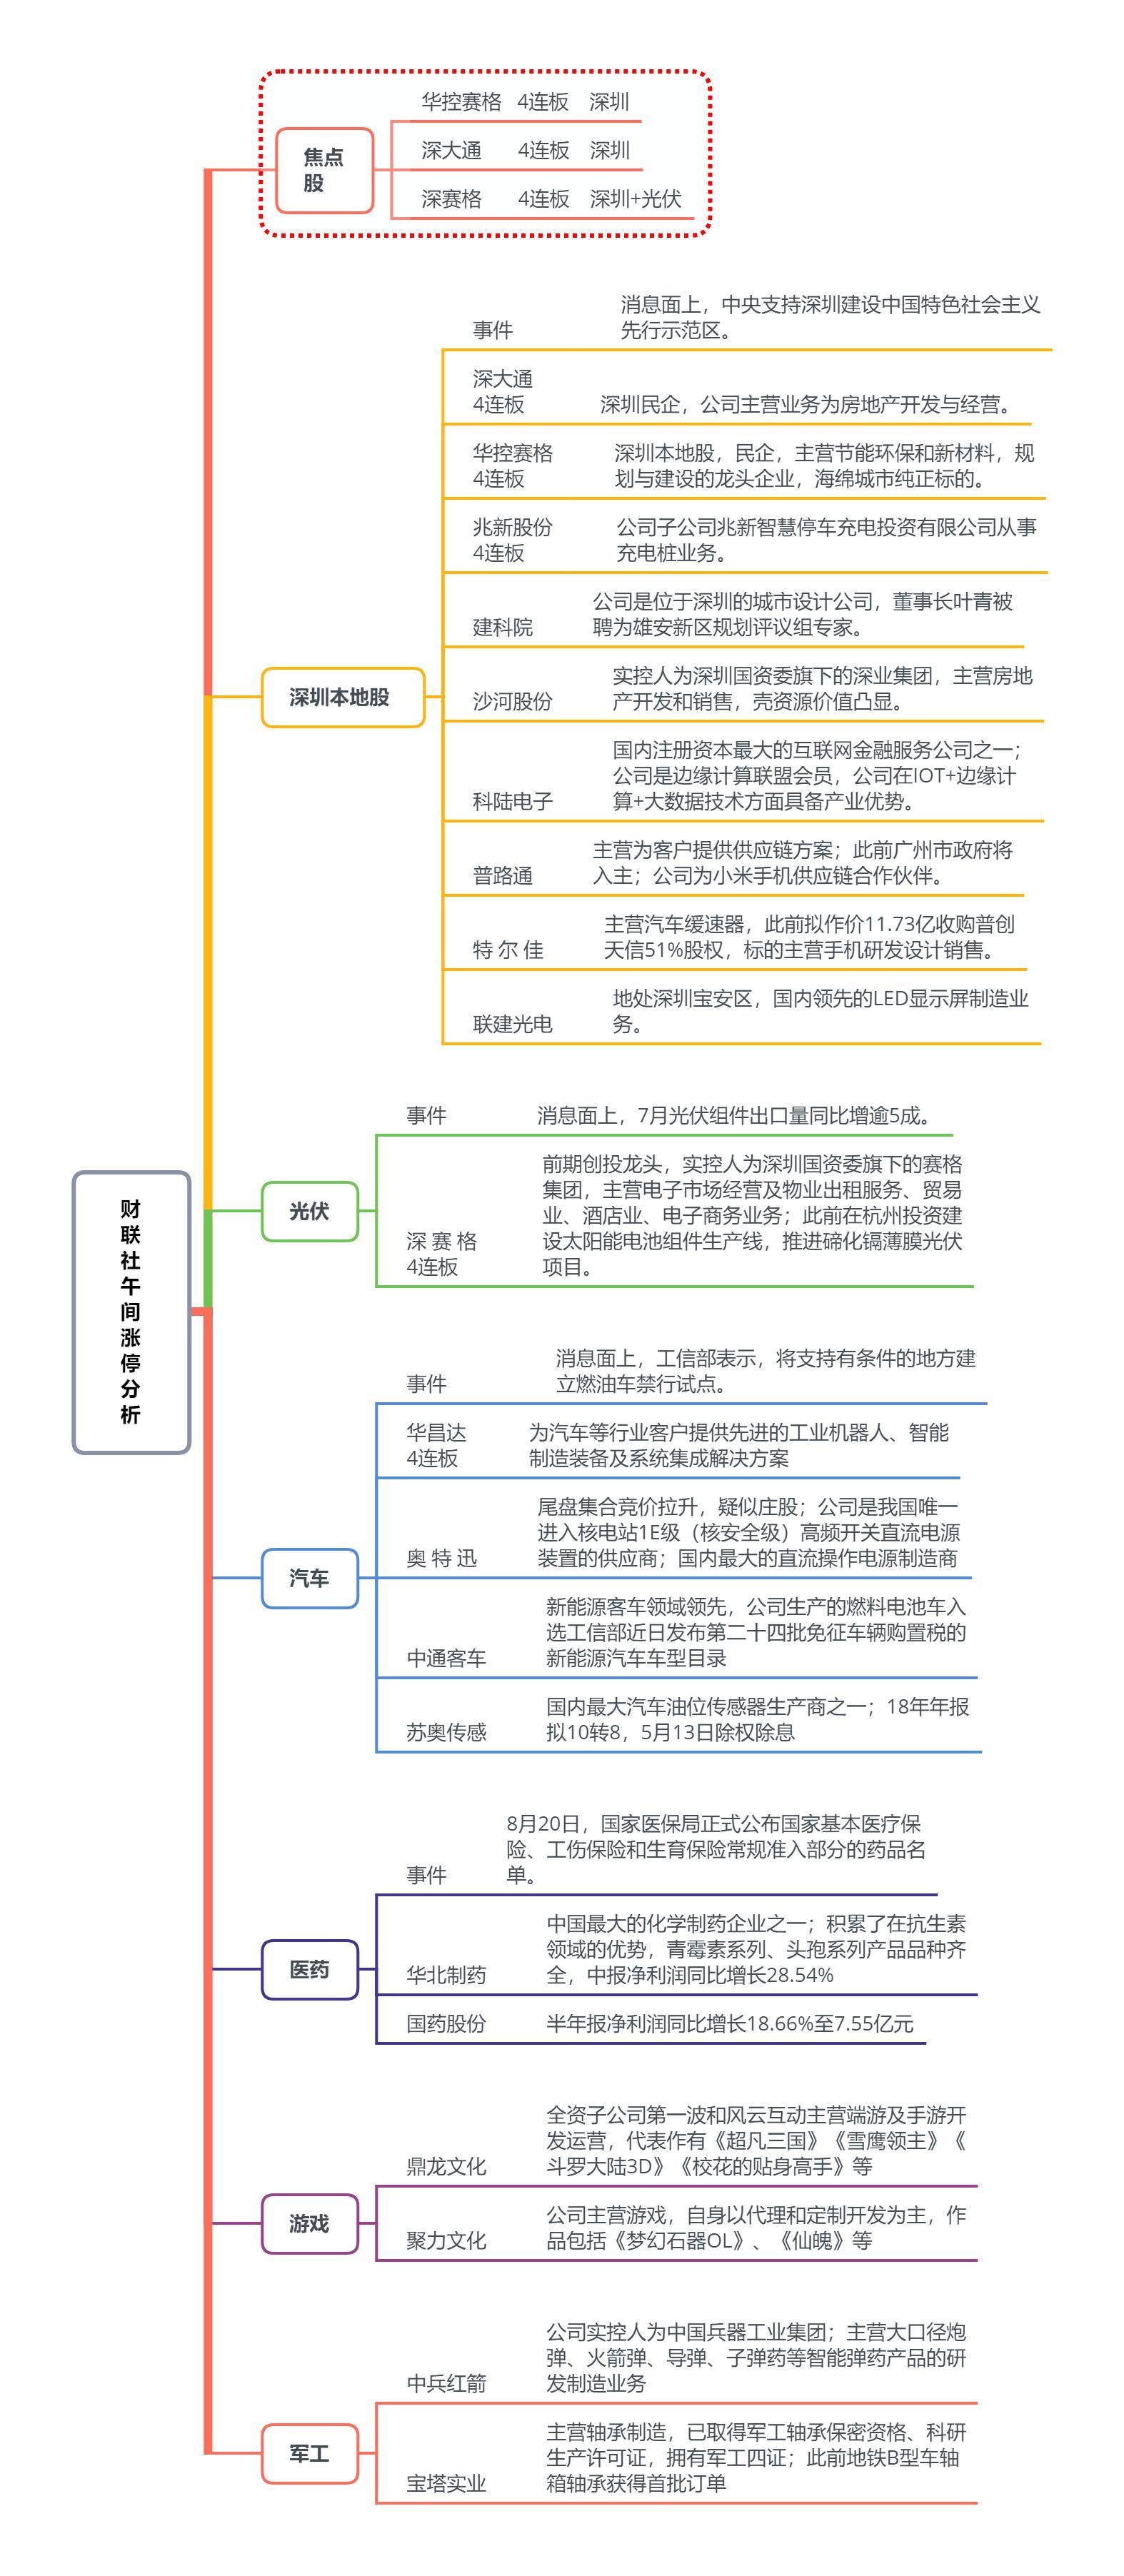 【财联社午报】指数维持窄幅震荡 军工股人气高涨